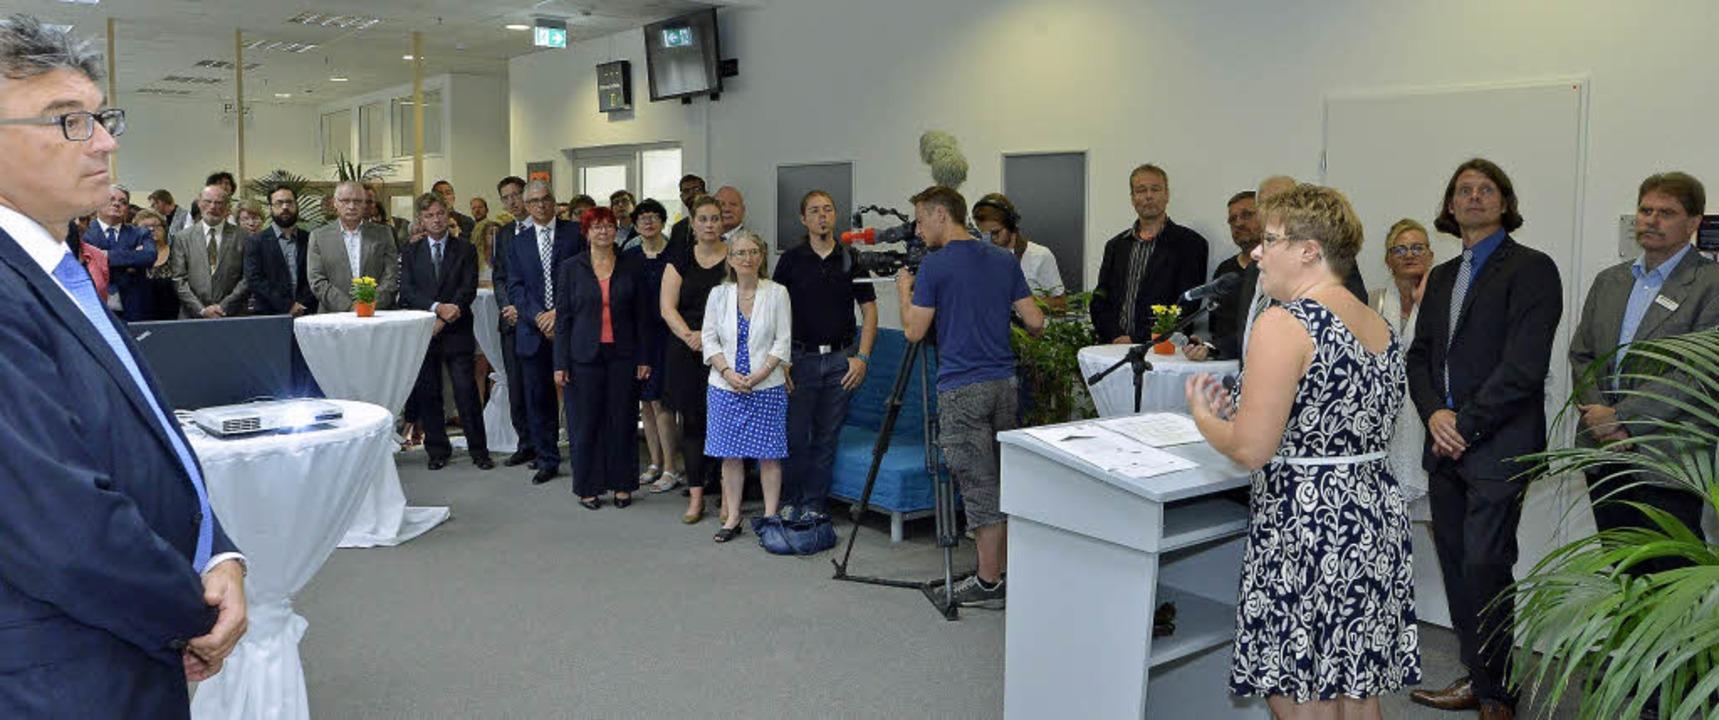 Unter den Gästen bei der offiziellen E...bürgermeister Dieter Salomon (links).   | Foto: Michael Bamberger